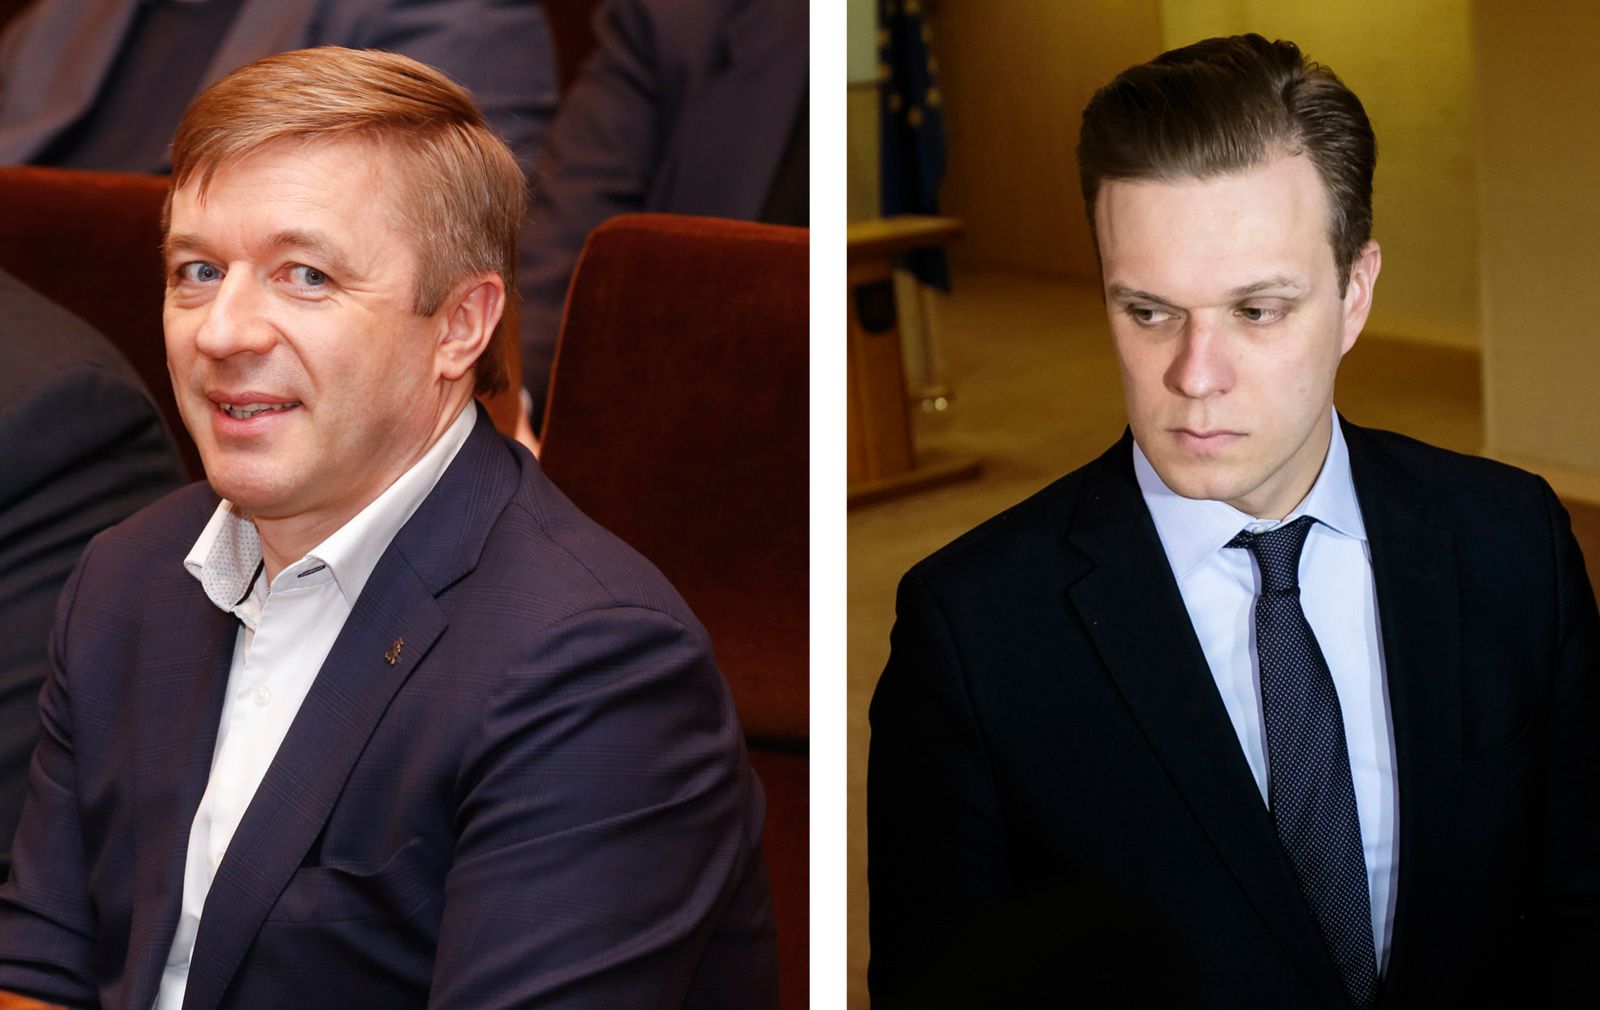 Koalicijos partneriai palaiko R. Karbauskį: opozicija kelia destrukciją, todėl jos šaukiamame posėdyje nedalyvausime